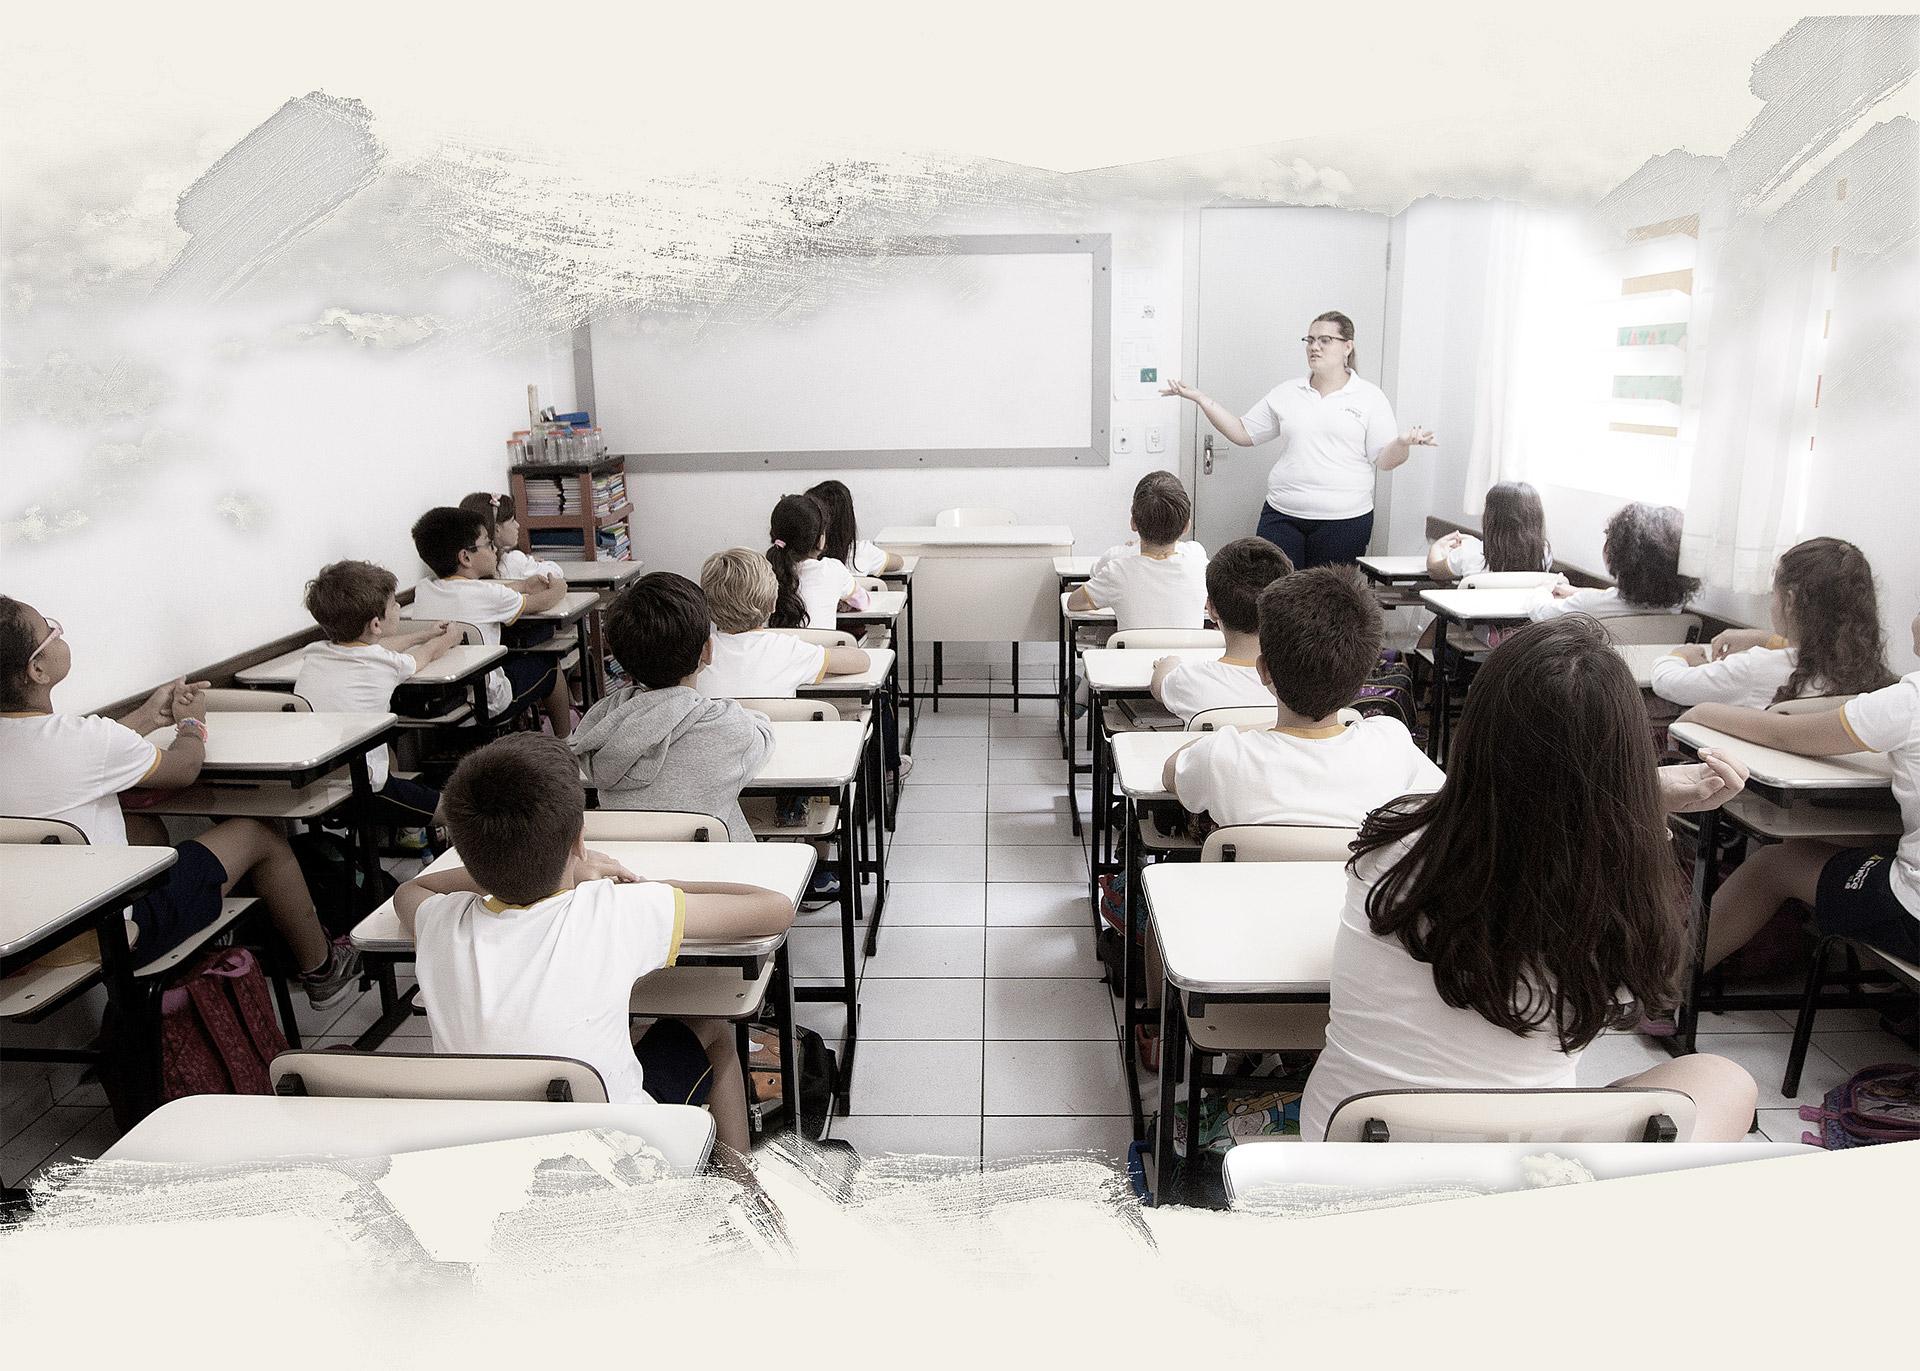 Há muito tempo a sala de aula com carteiras enfileiradas e aulas  expositivas não basta para encantar os alunos. 553dea3b60b84